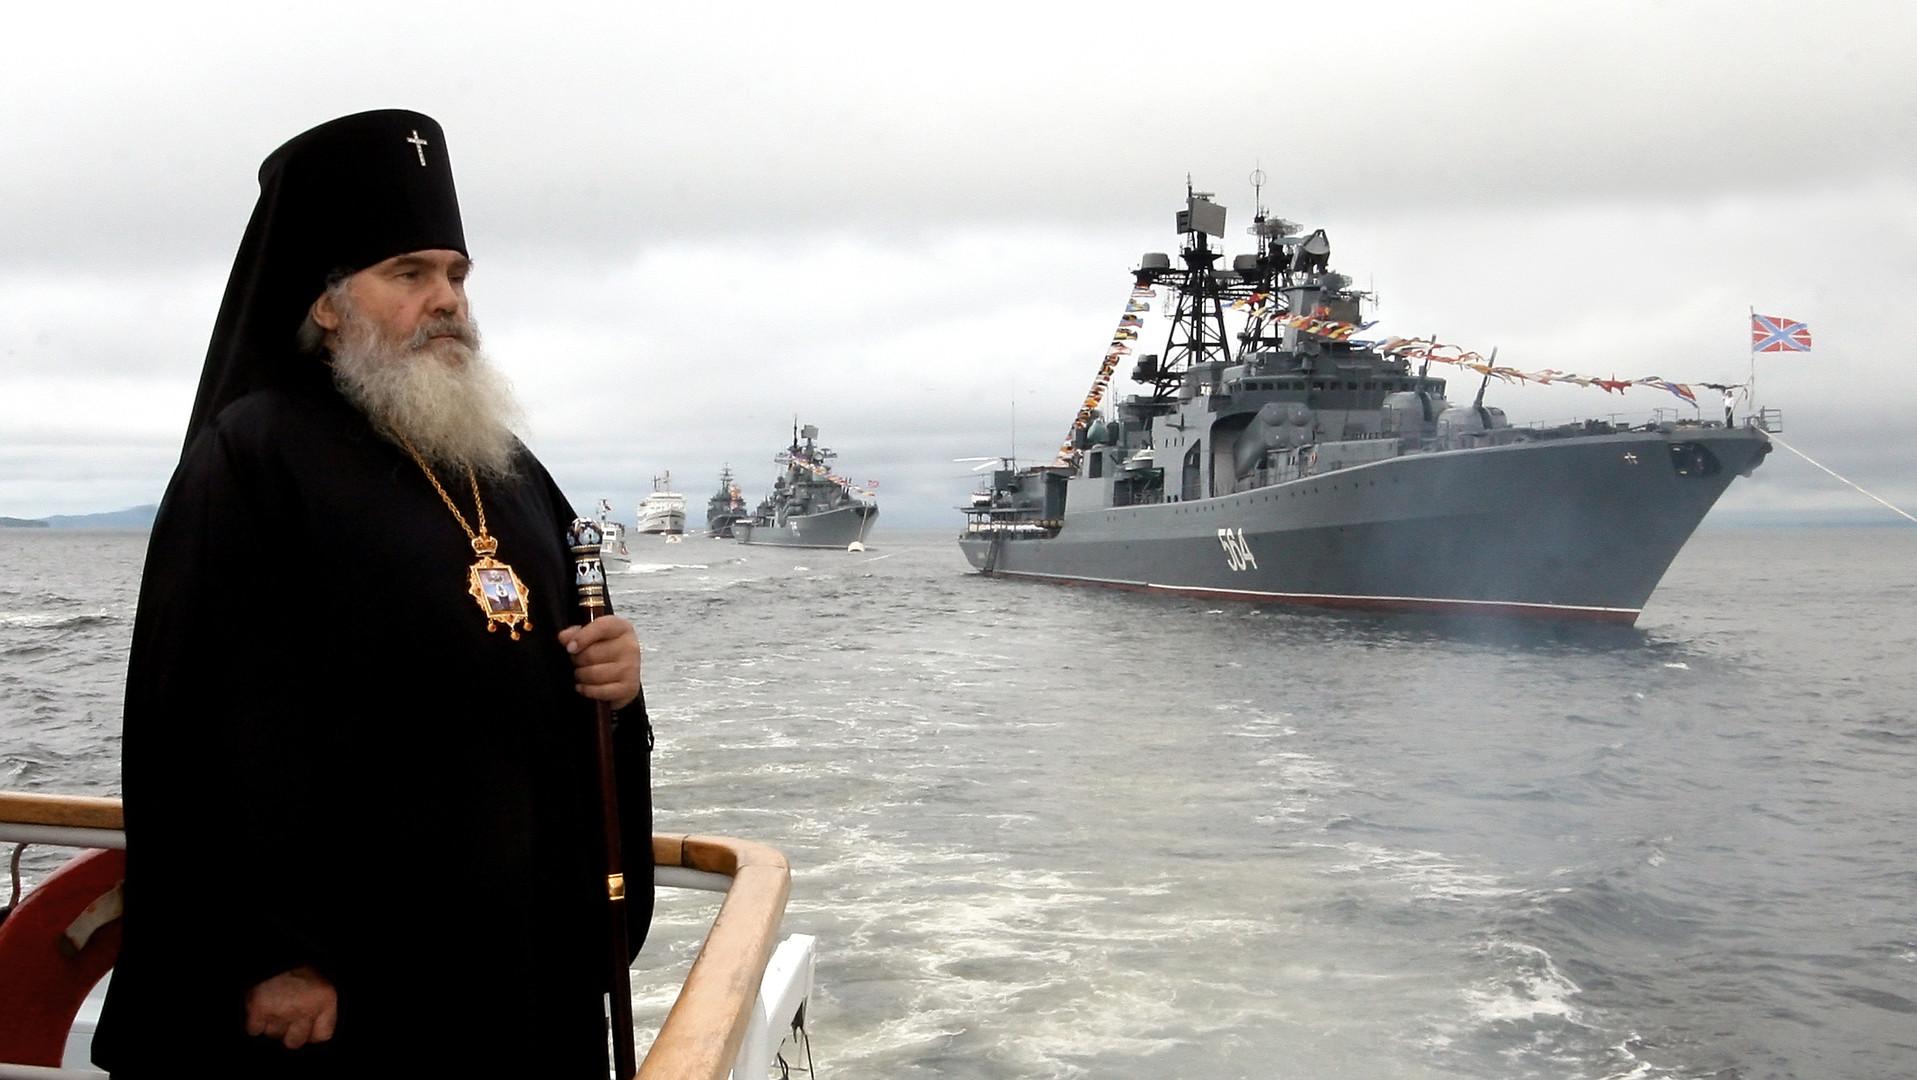 Bischof Weniamin nimmt an einer feierlichen Veranstaltung anlässlich des Marinetages in der Amurbucht teil.